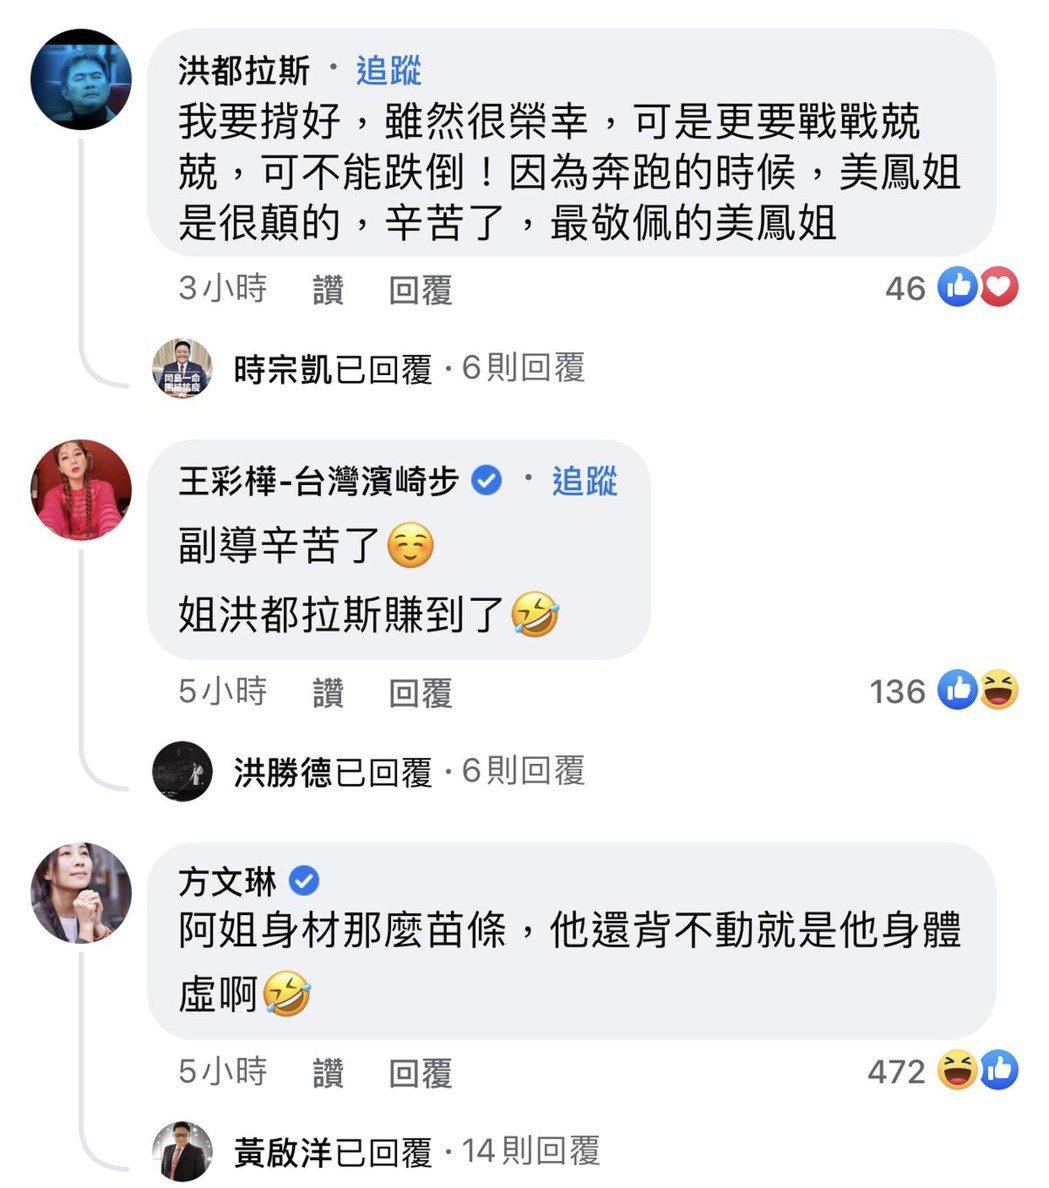 陳美鳳po拍戲側拍照,吸引藝人好友留言。圖/摘自臉書